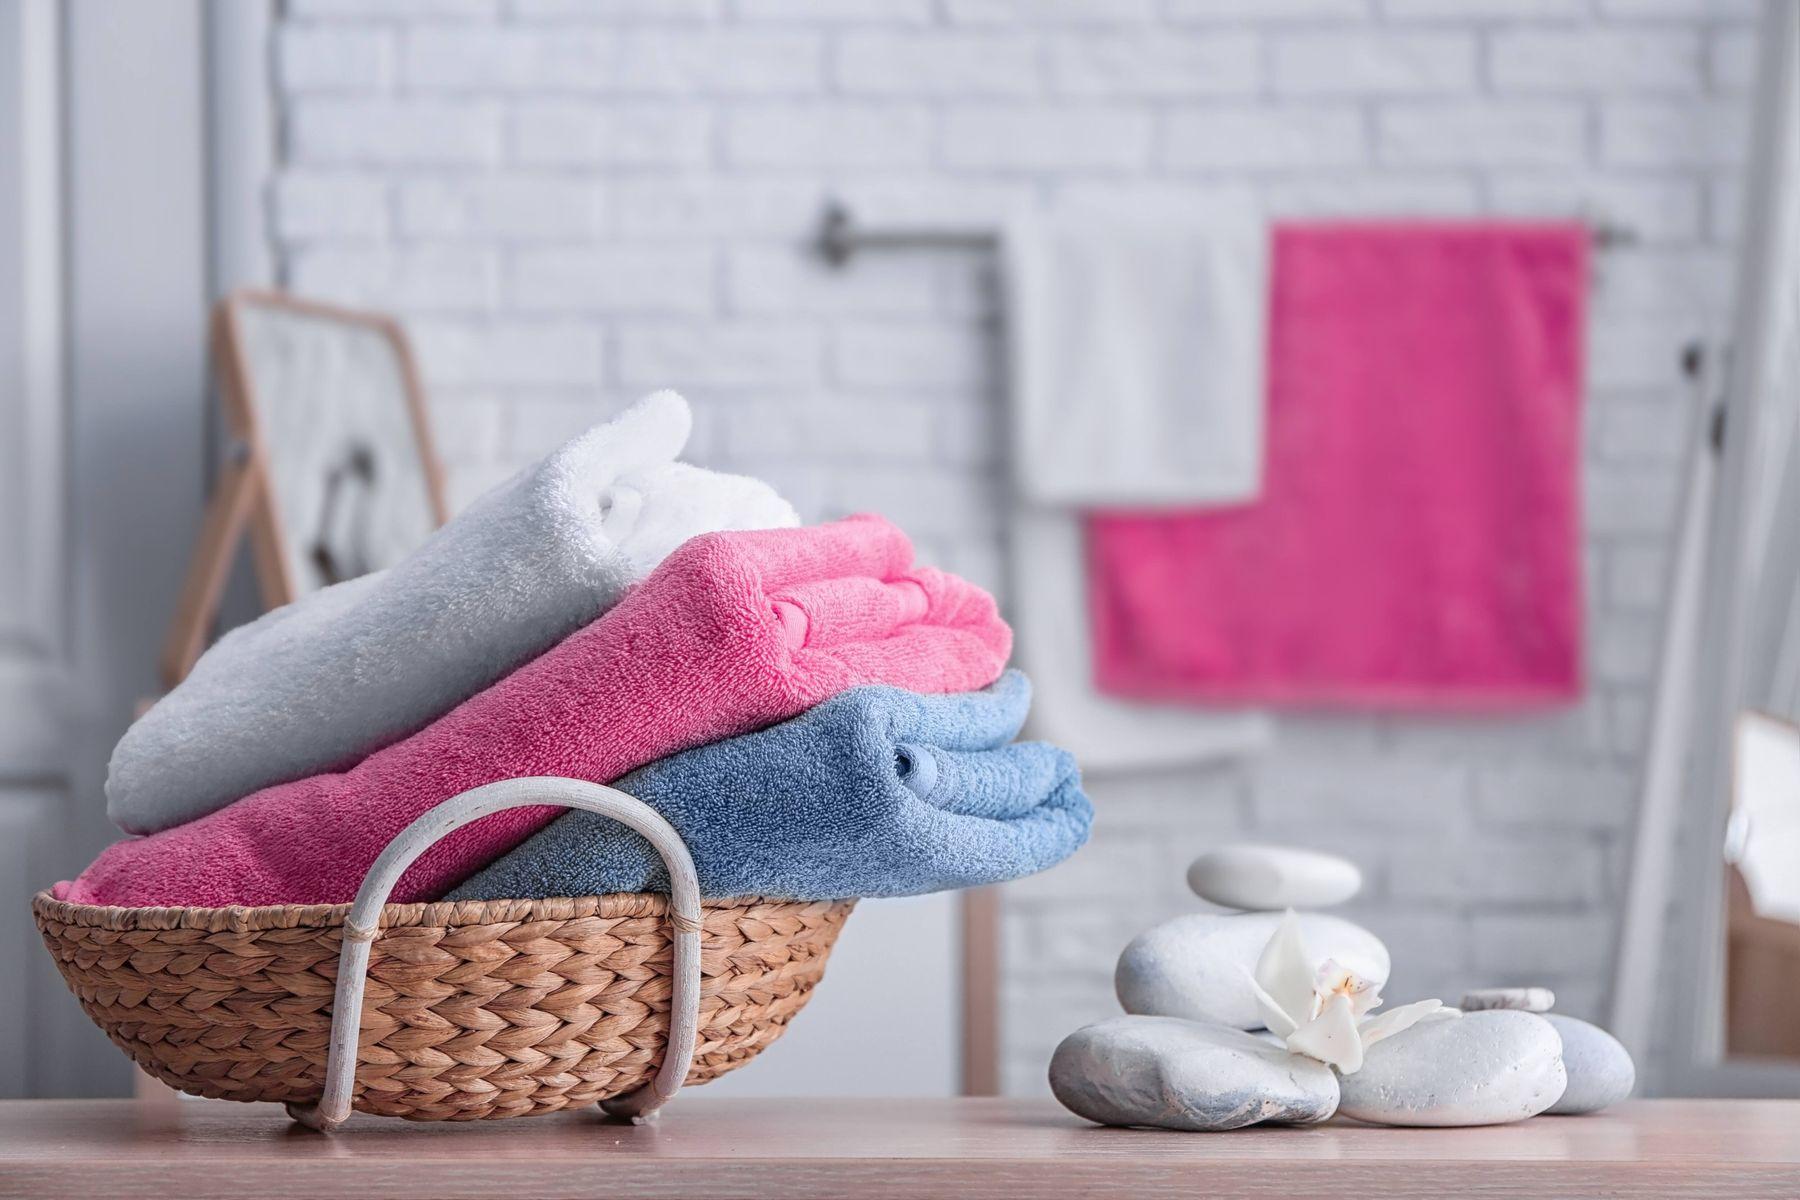 baño con toallas